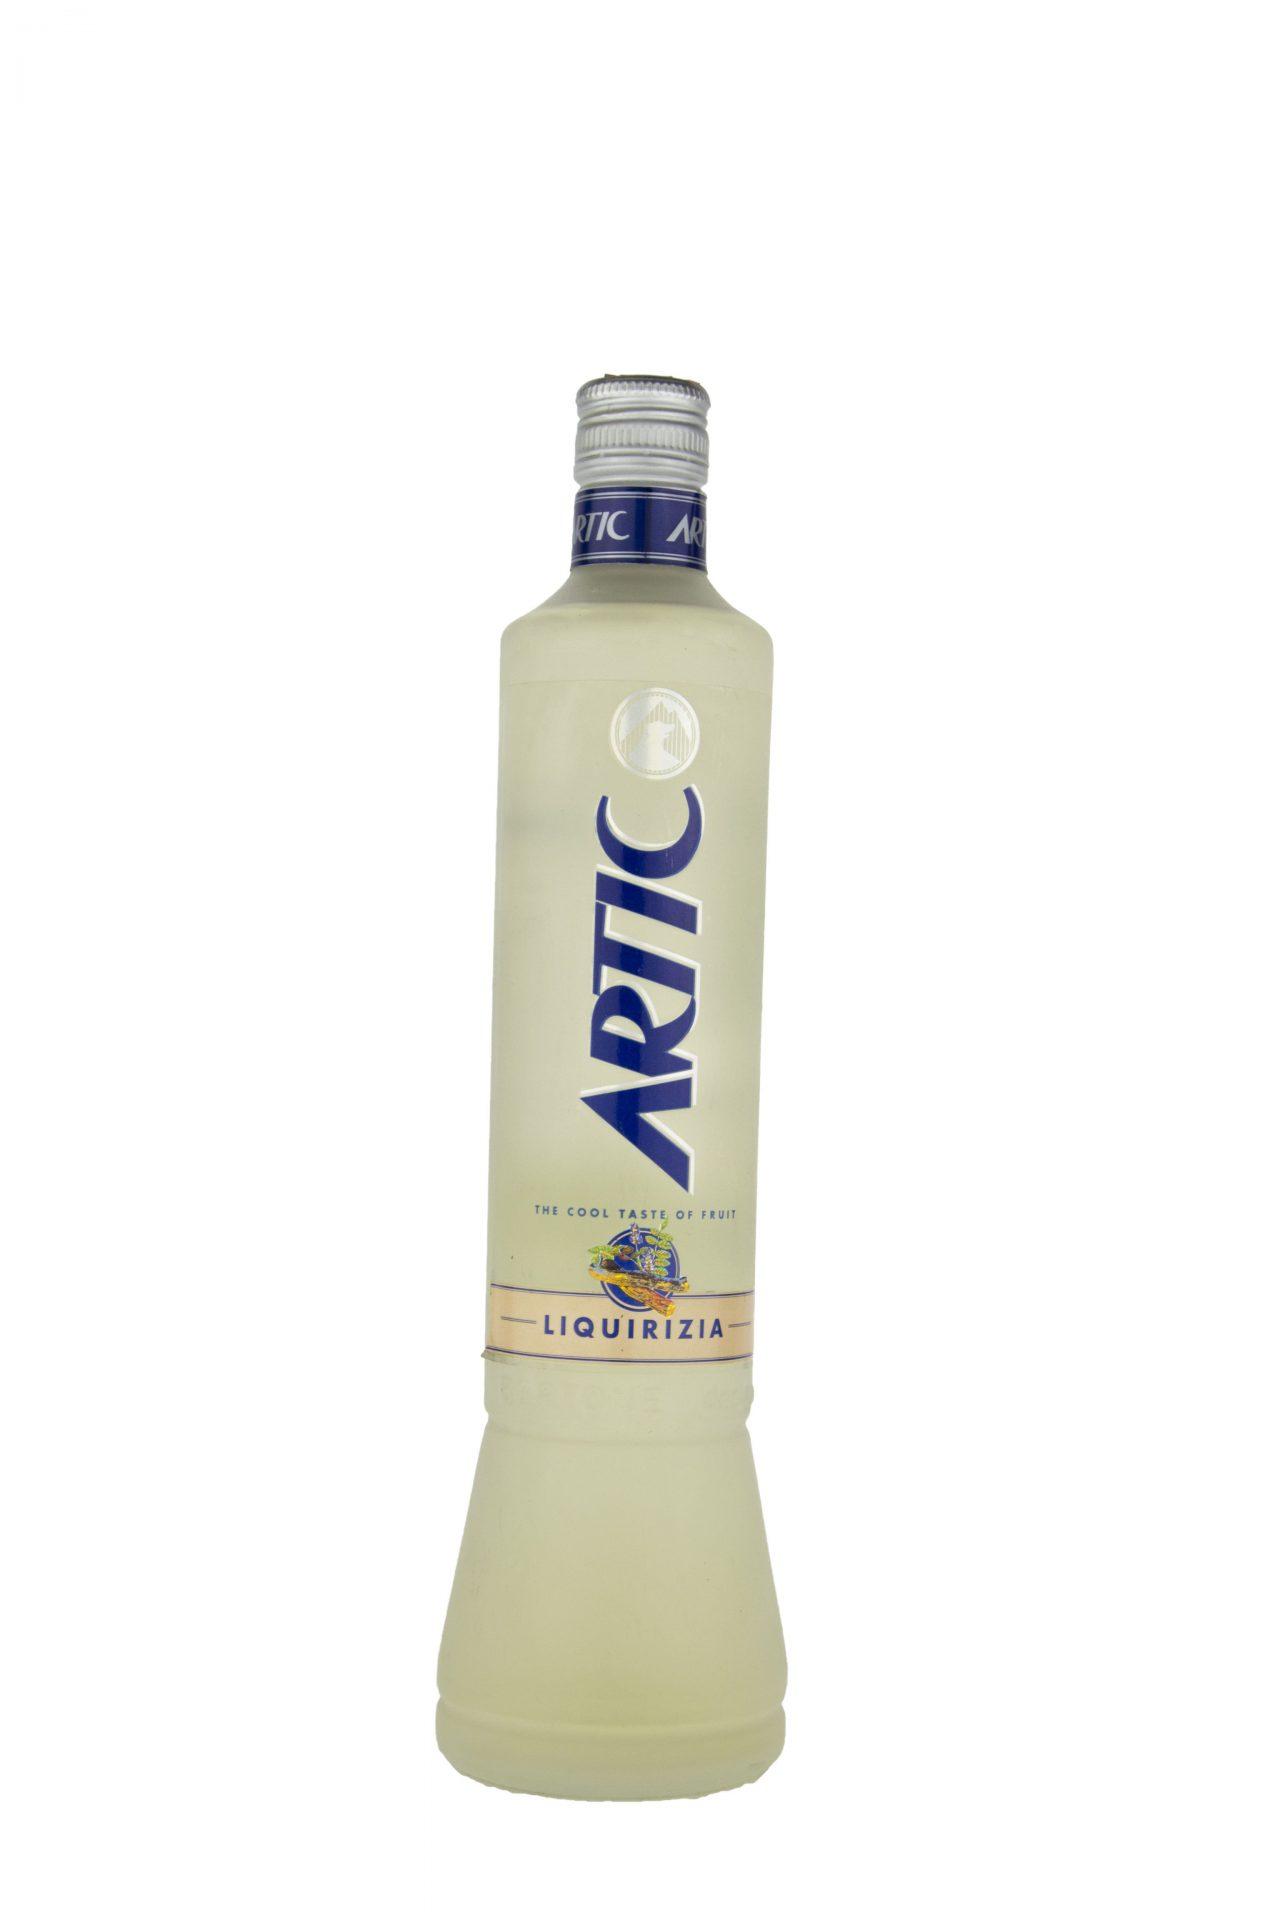 Artic – Vodka & Liquirizia